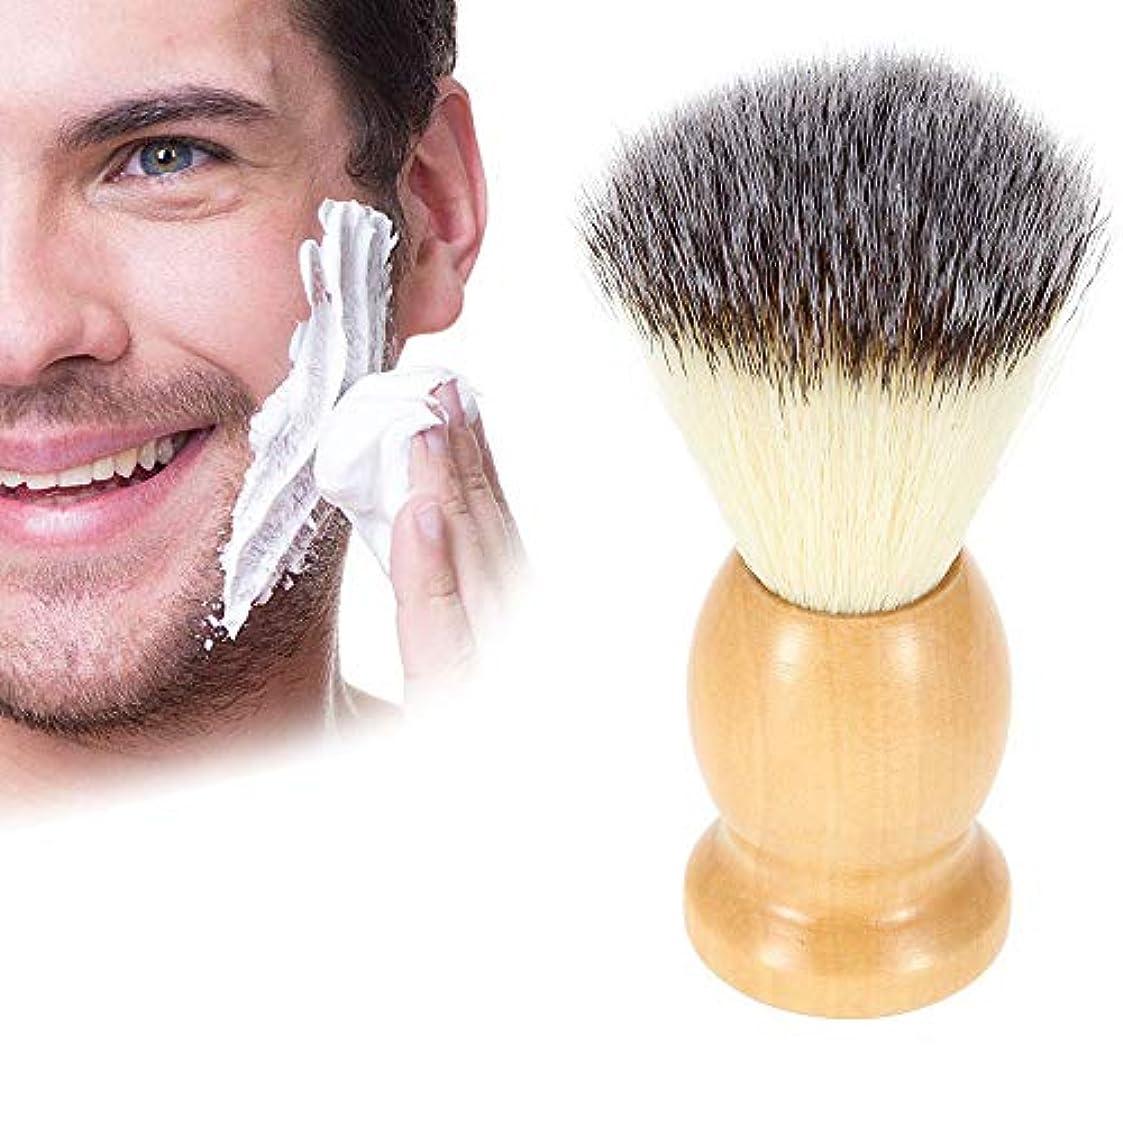 二年生荒廃するメッセンジャーButokal ナイロンひげブラシ メンズ用ブラシ 木製ハンドルシェービングブラシ 泡立ち ひげブラシ 理容 洗顔 髭剃り ご主人 ボーイフレンド 友人 にプレゼント シェービング用アクセサリー